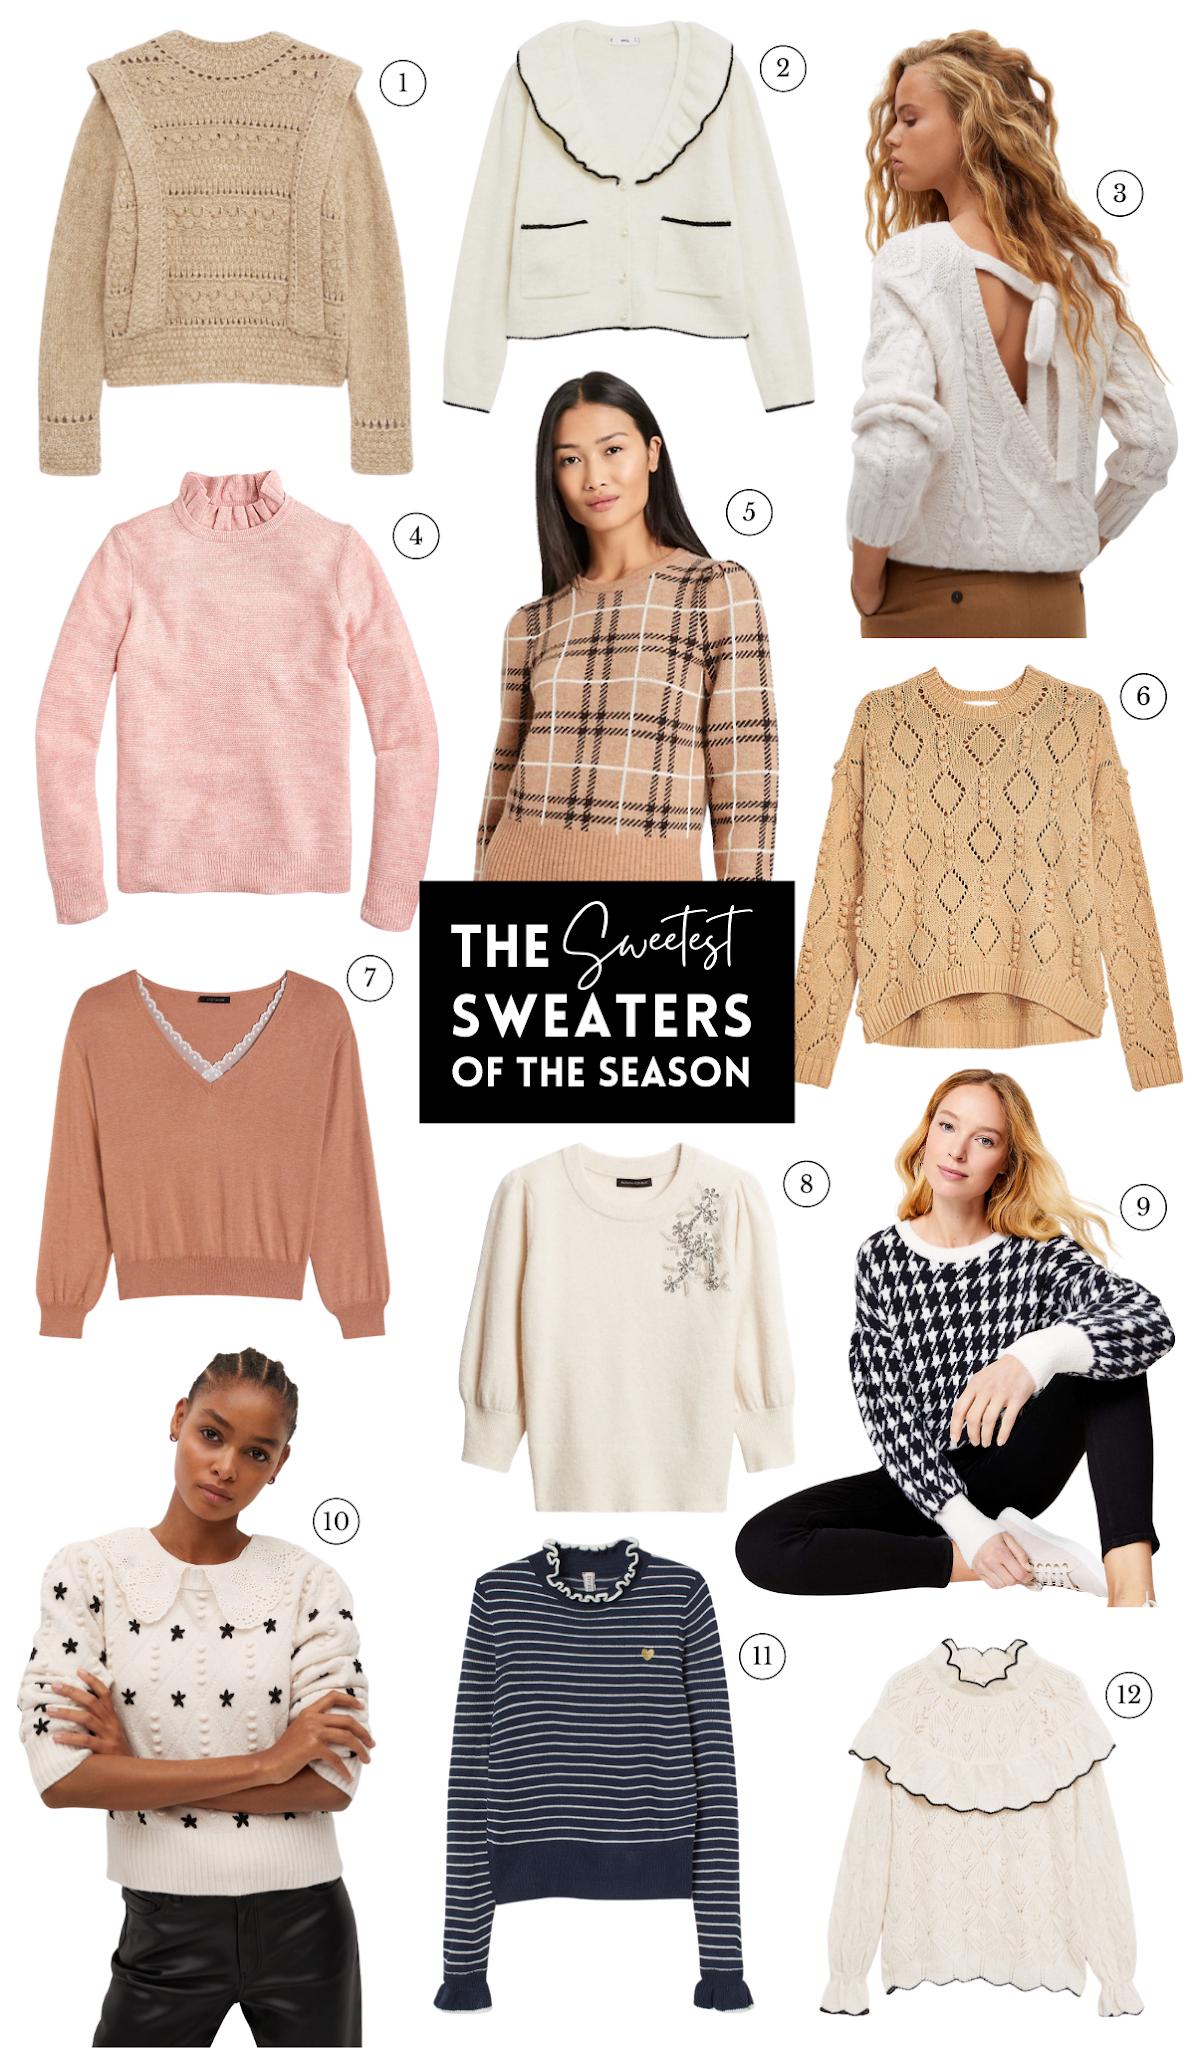 winter sweater for women, latest sweater 2020, cute winter sweaters